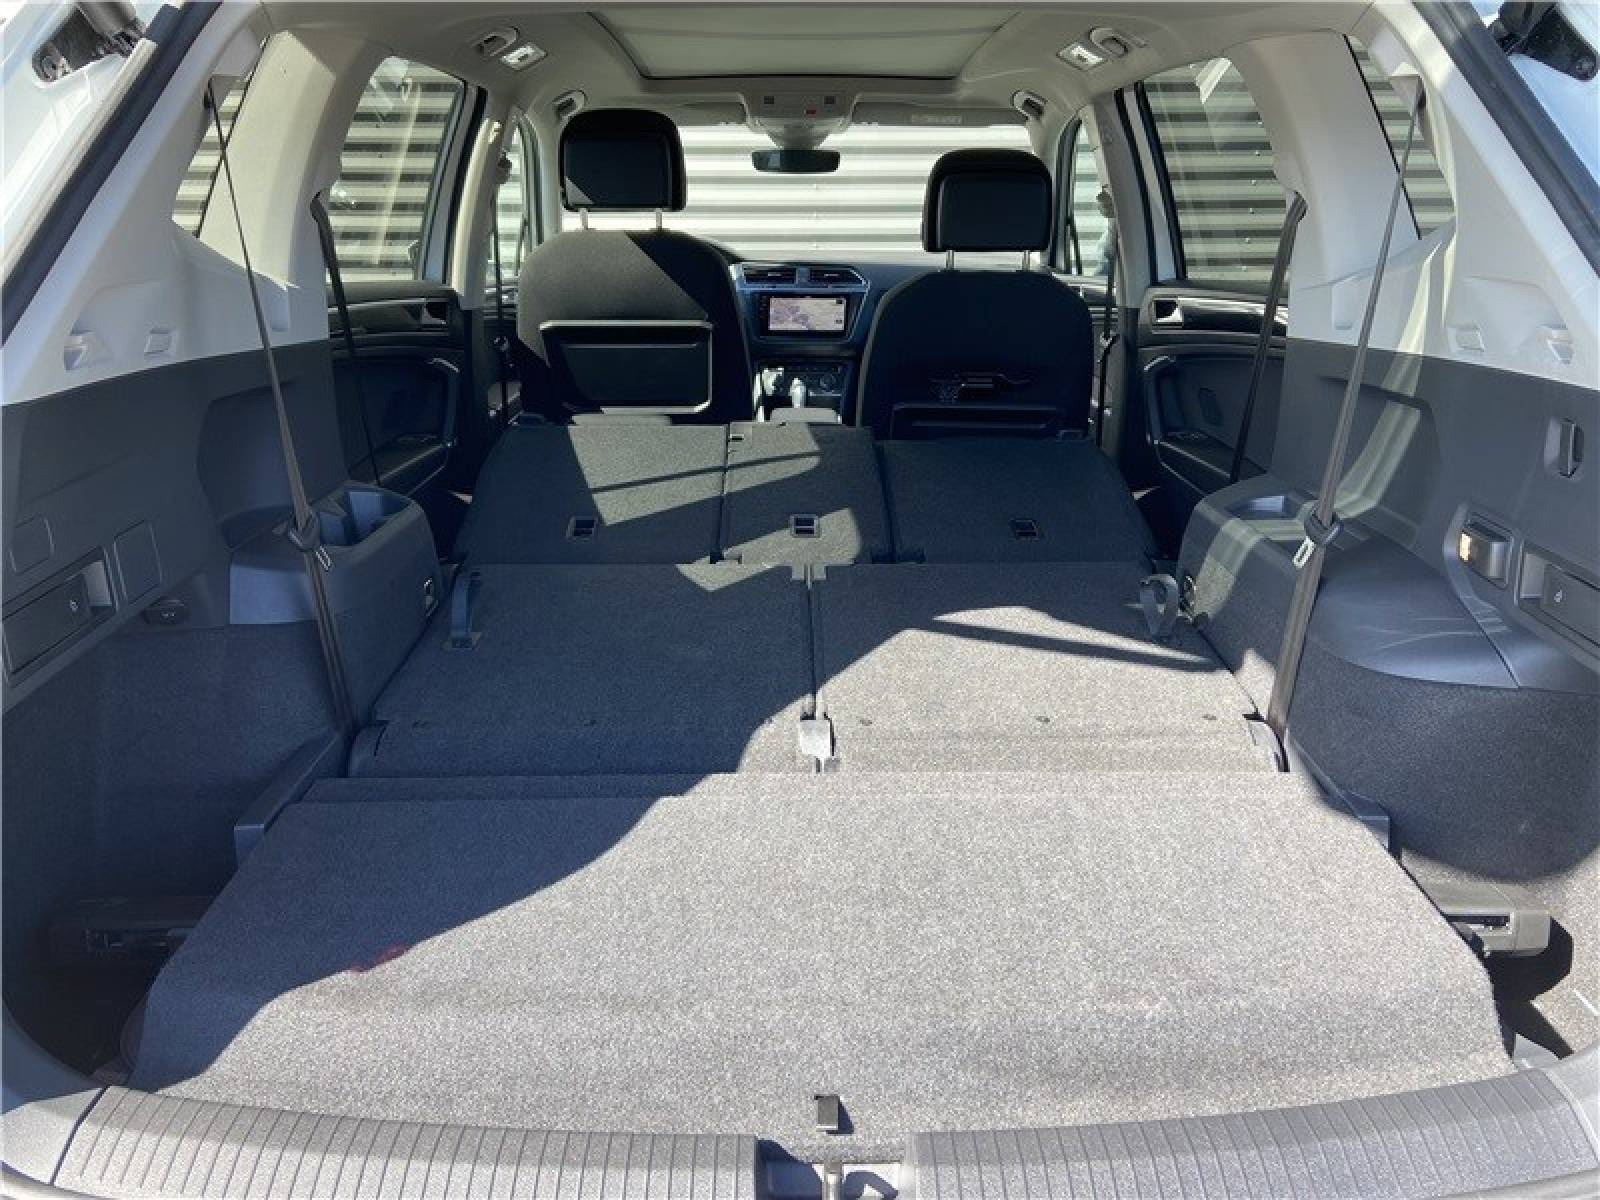 VOLKSWAGEN Tiguan Allspace 2.0 TDI 150 DSG7 - véhicule d'occasion - LEMAUVIEL AUTOMOBILES - Présentation site web V2 - Lemauviel Automobiles - VIRE - 14500 - VIRE - 10